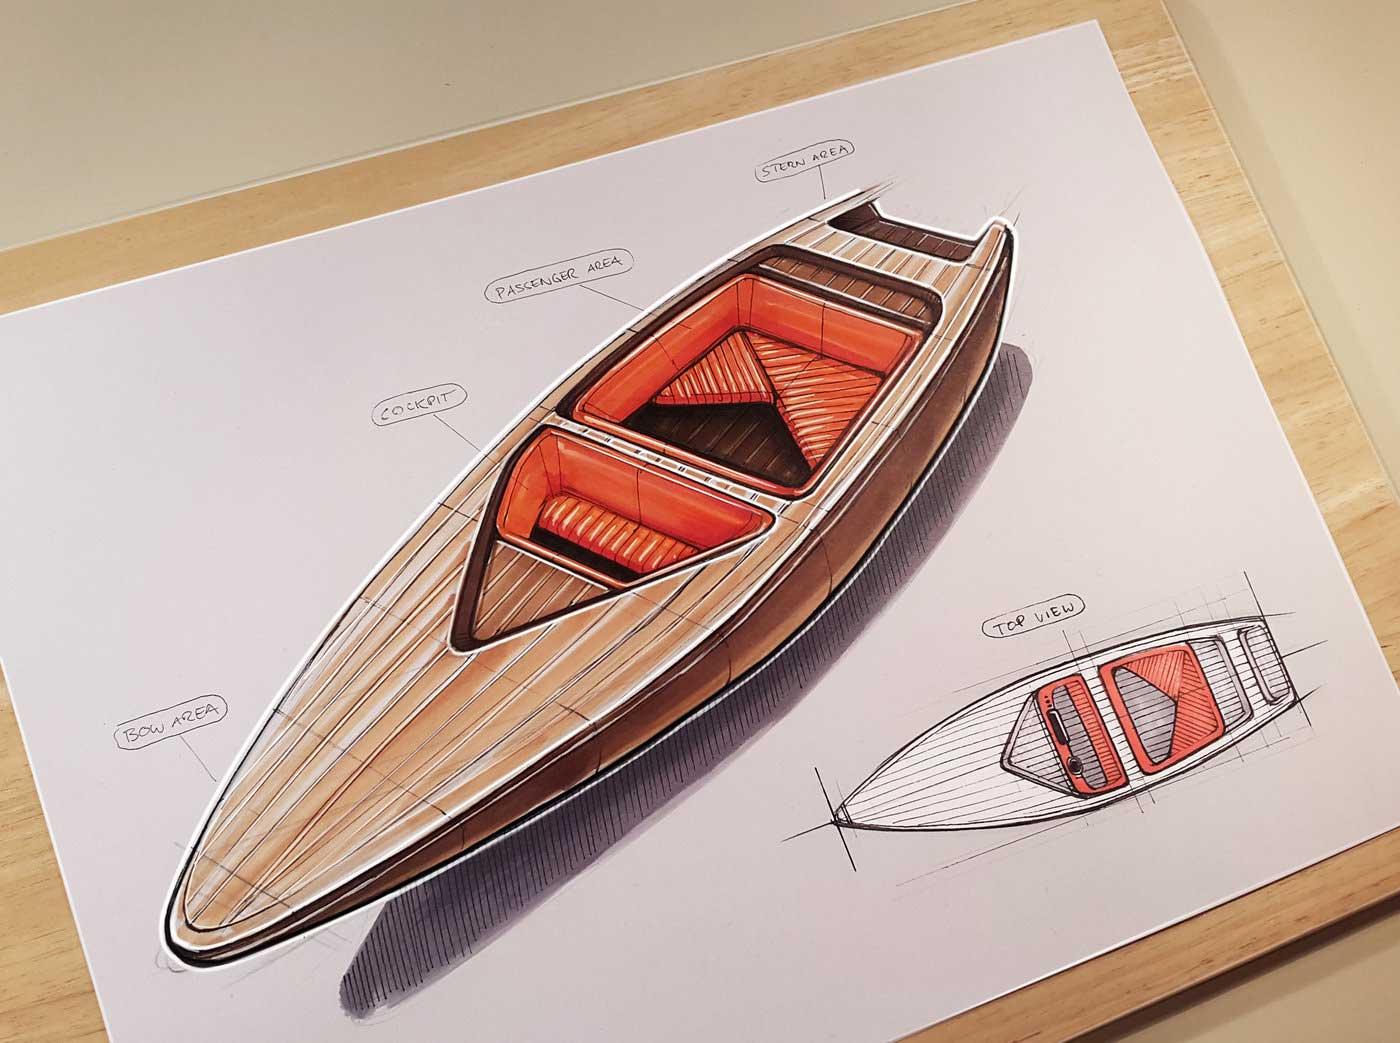 مجموعه طراحی های Marius Kindler